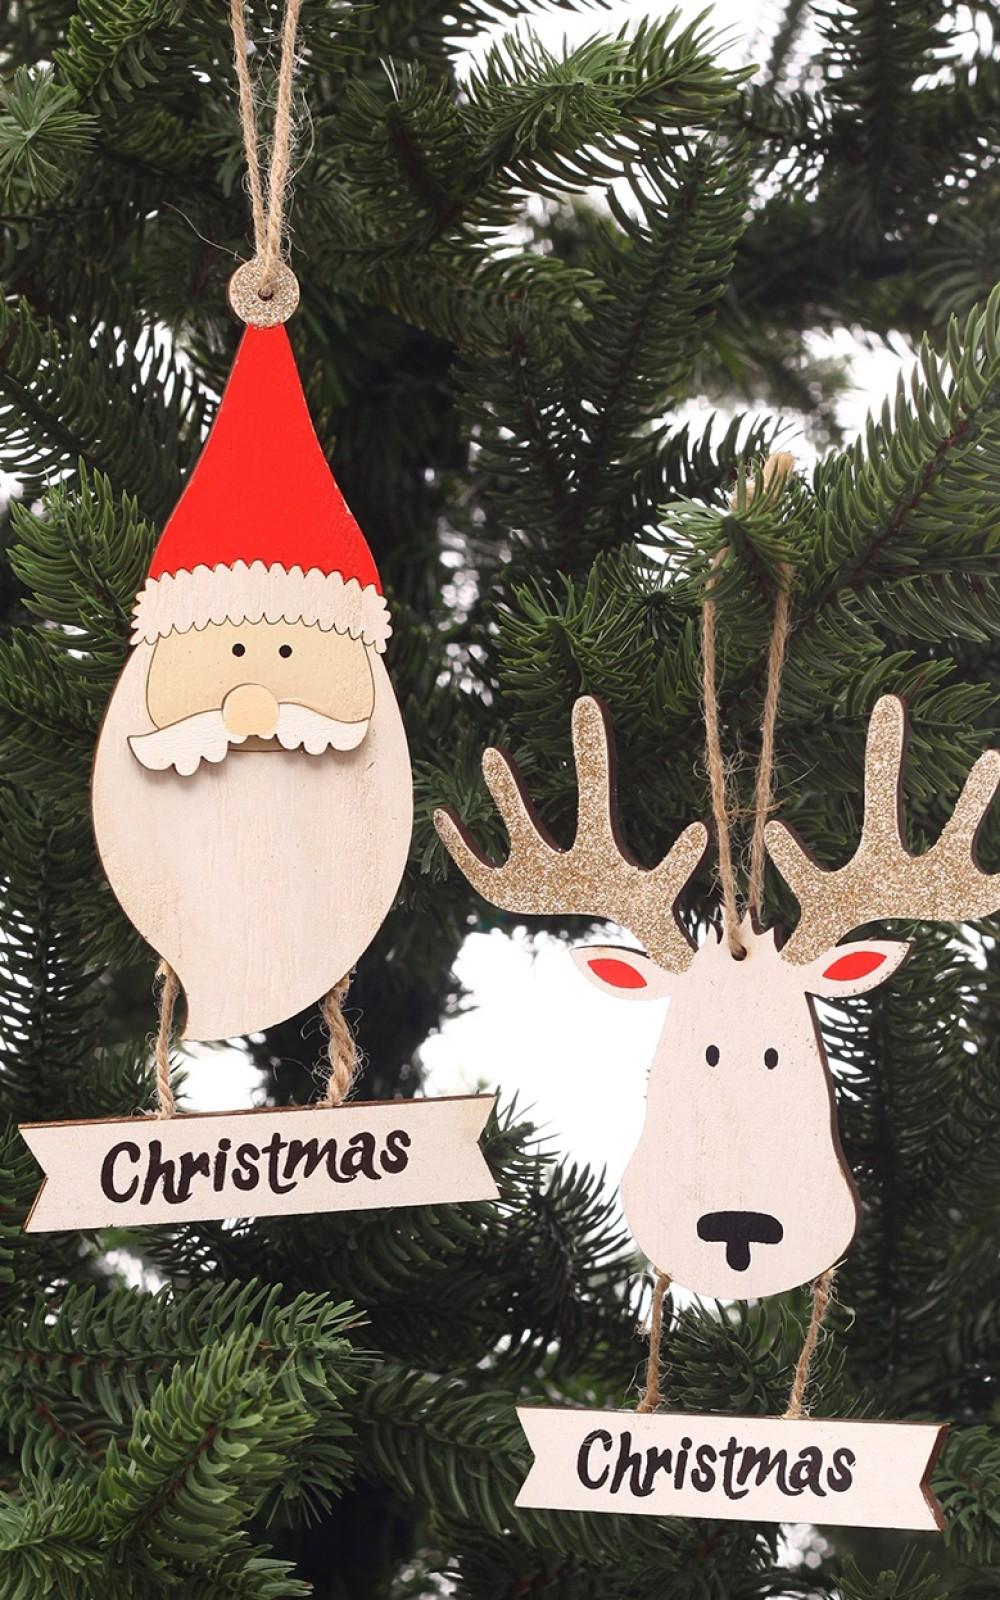 Fából készült karácsonyi dekoráció